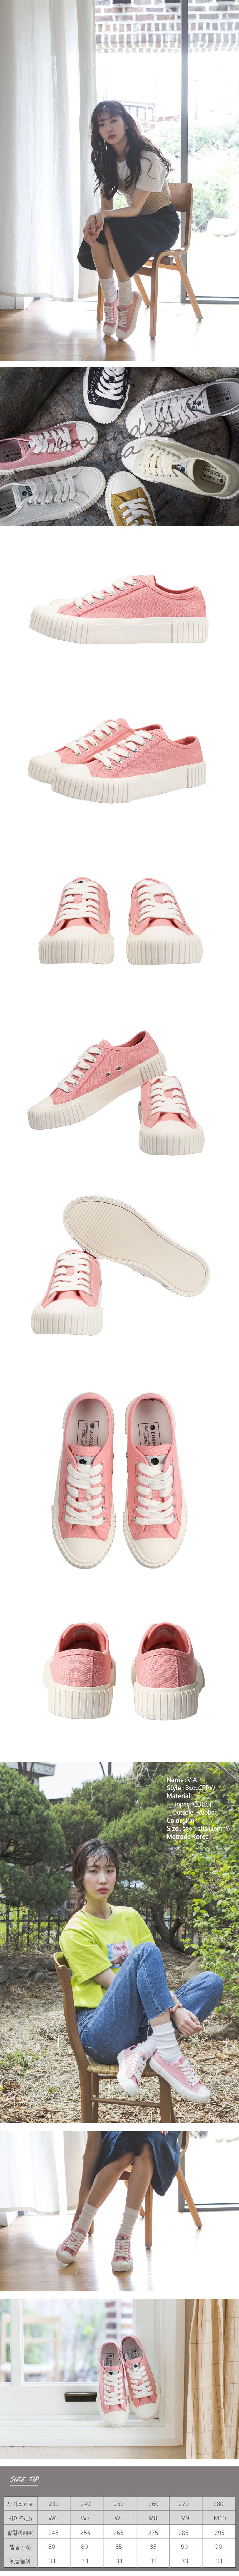 박스앤콕스(BOX&COX) 바이아 핑크